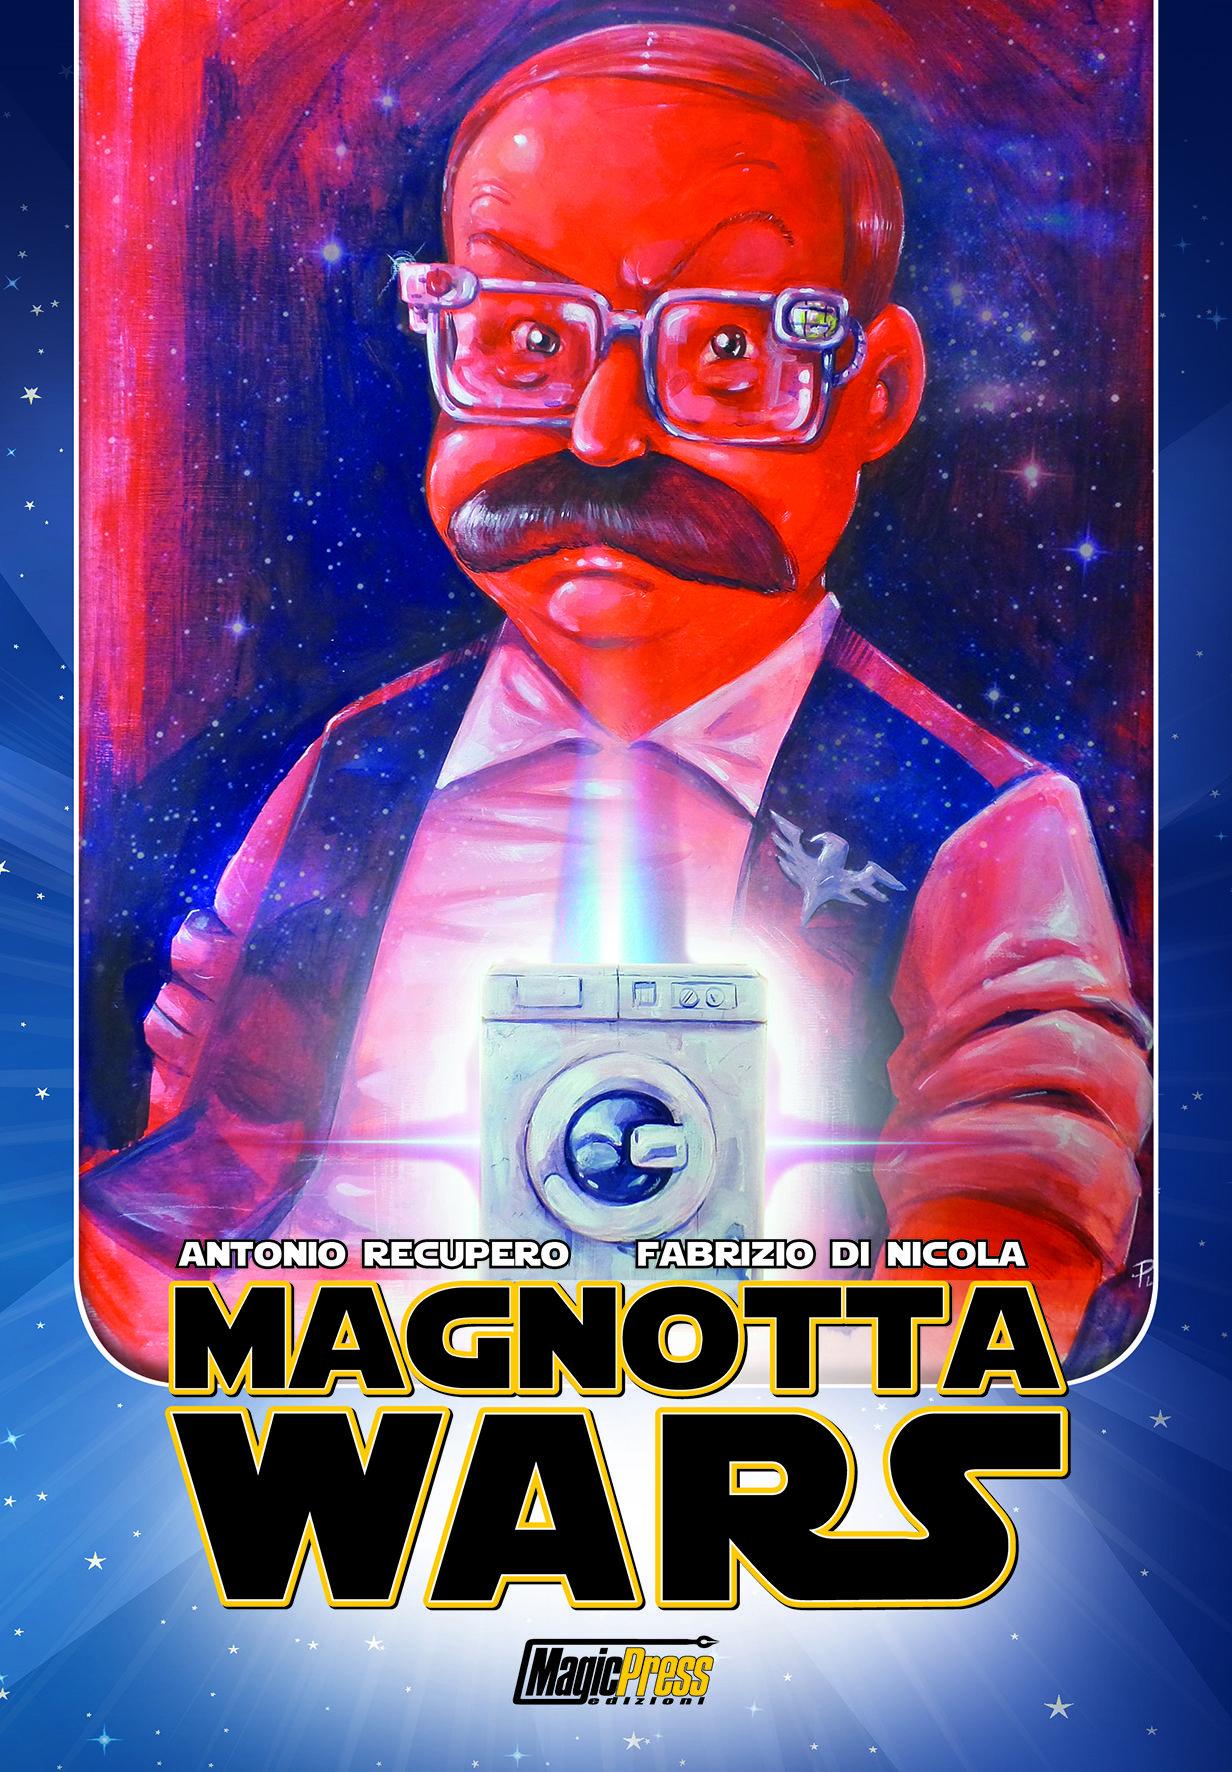 Copertina di Magnotta Wars – Pre Order Evento 24 Marzo 2018 da Uomo dei Fumetti